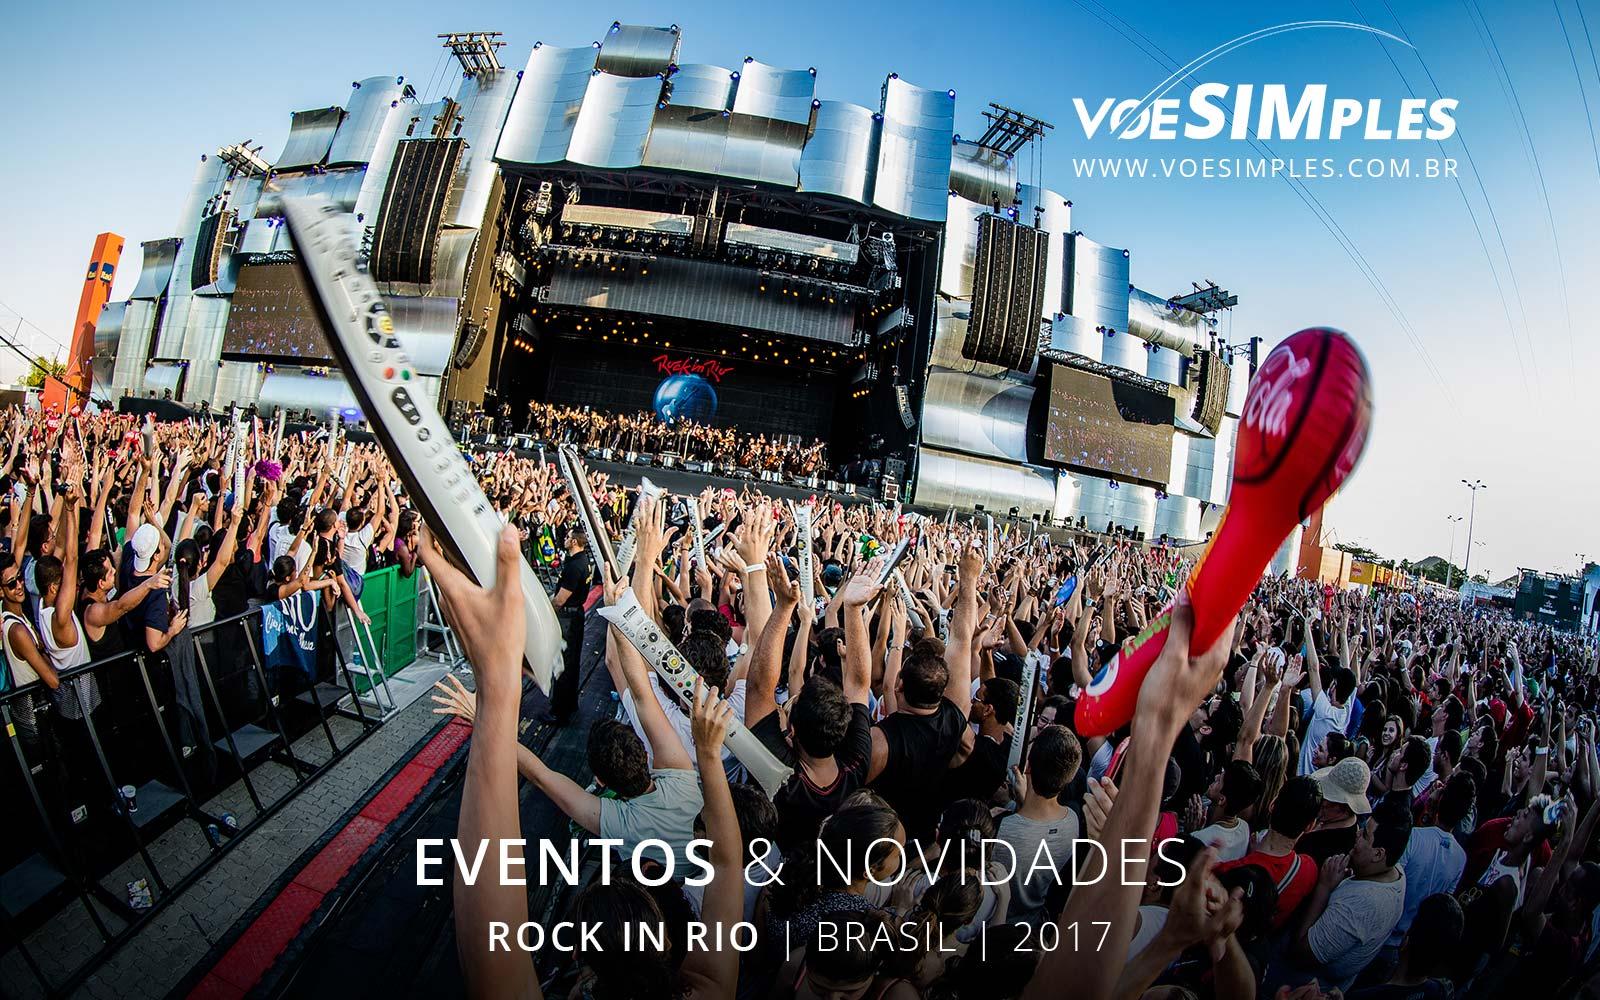 fotos-festival-rock-rio-brasil-2017-voesimples-passagem-aerea-promocional-rock-rio-promocao-passagens-aereas-rock-rio-2017-01